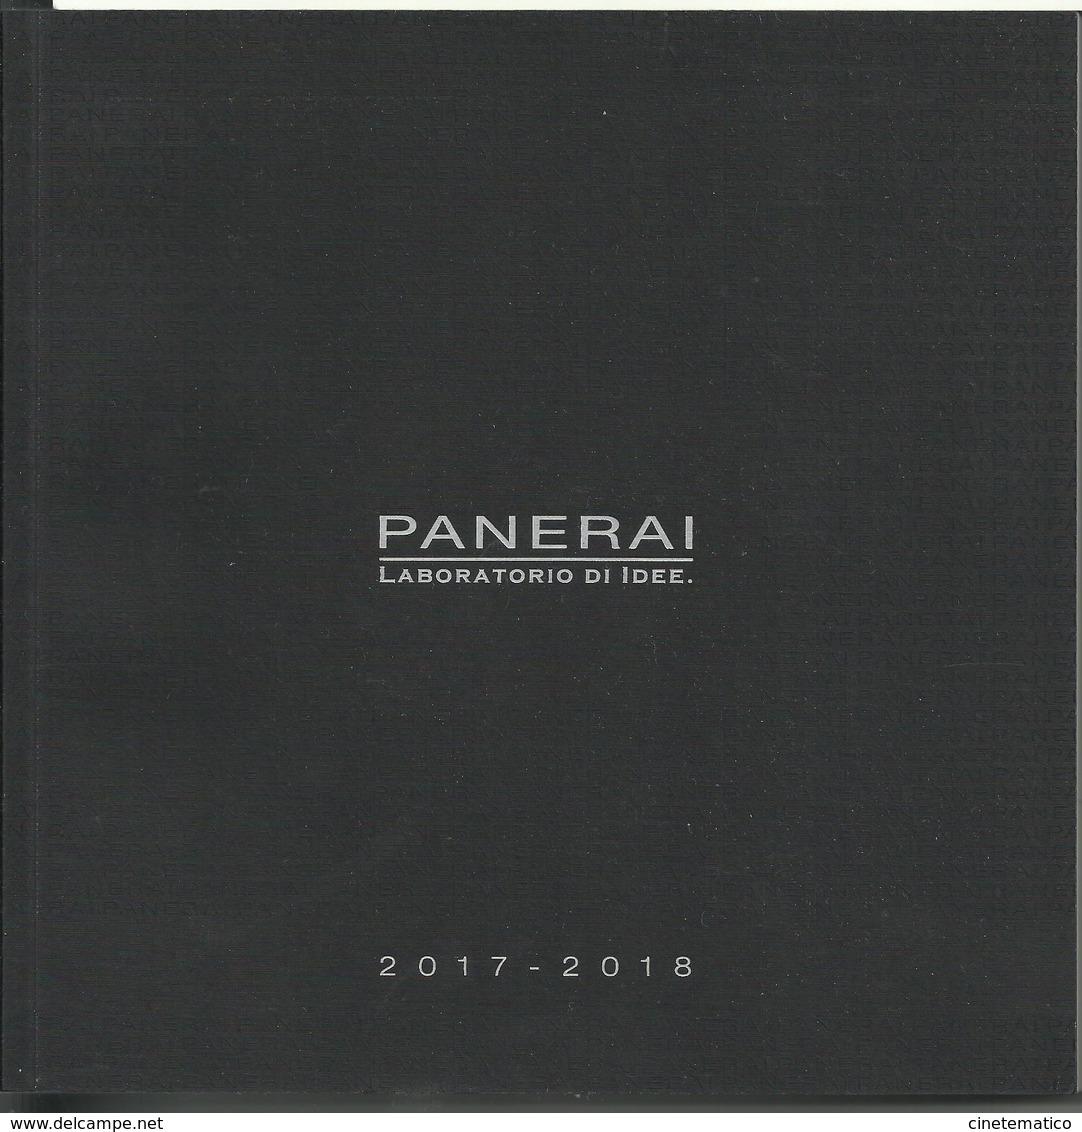 Catalogo PANERAI 2017 - 2018 - Gioielli & Orologeria